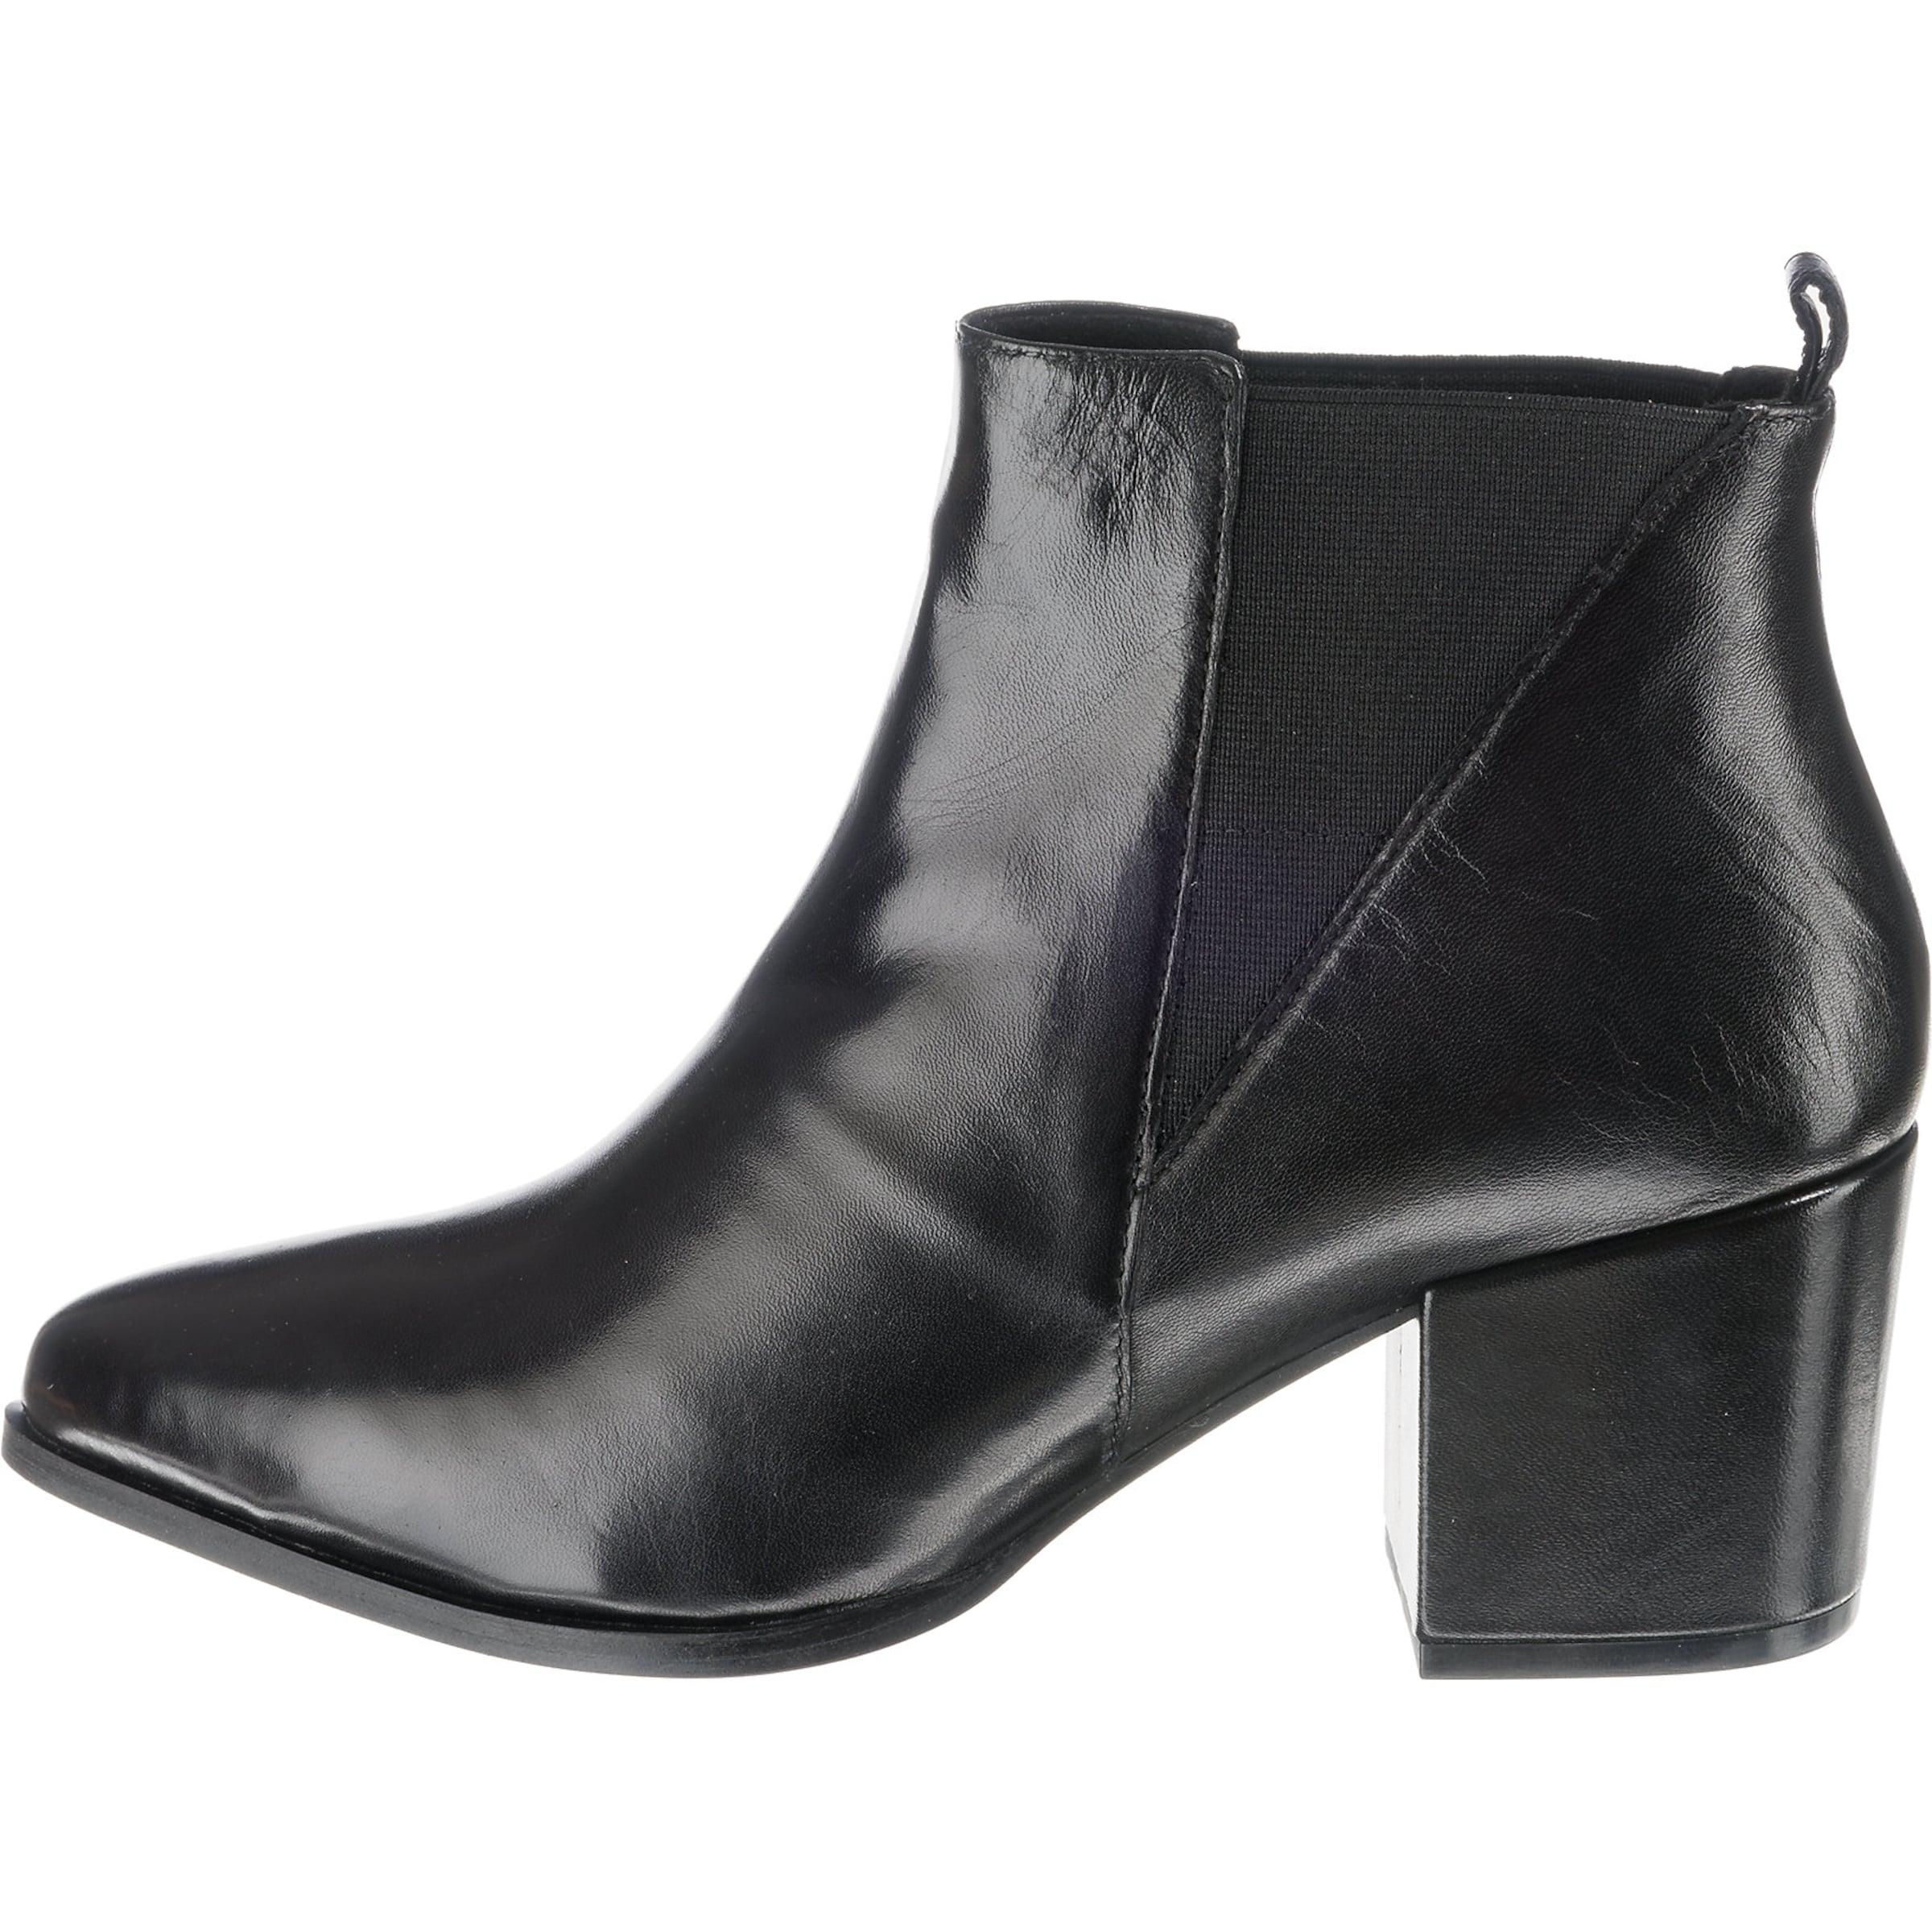 Spm Noir 'nelsea' En Boots Chelsea qMpSUzVG